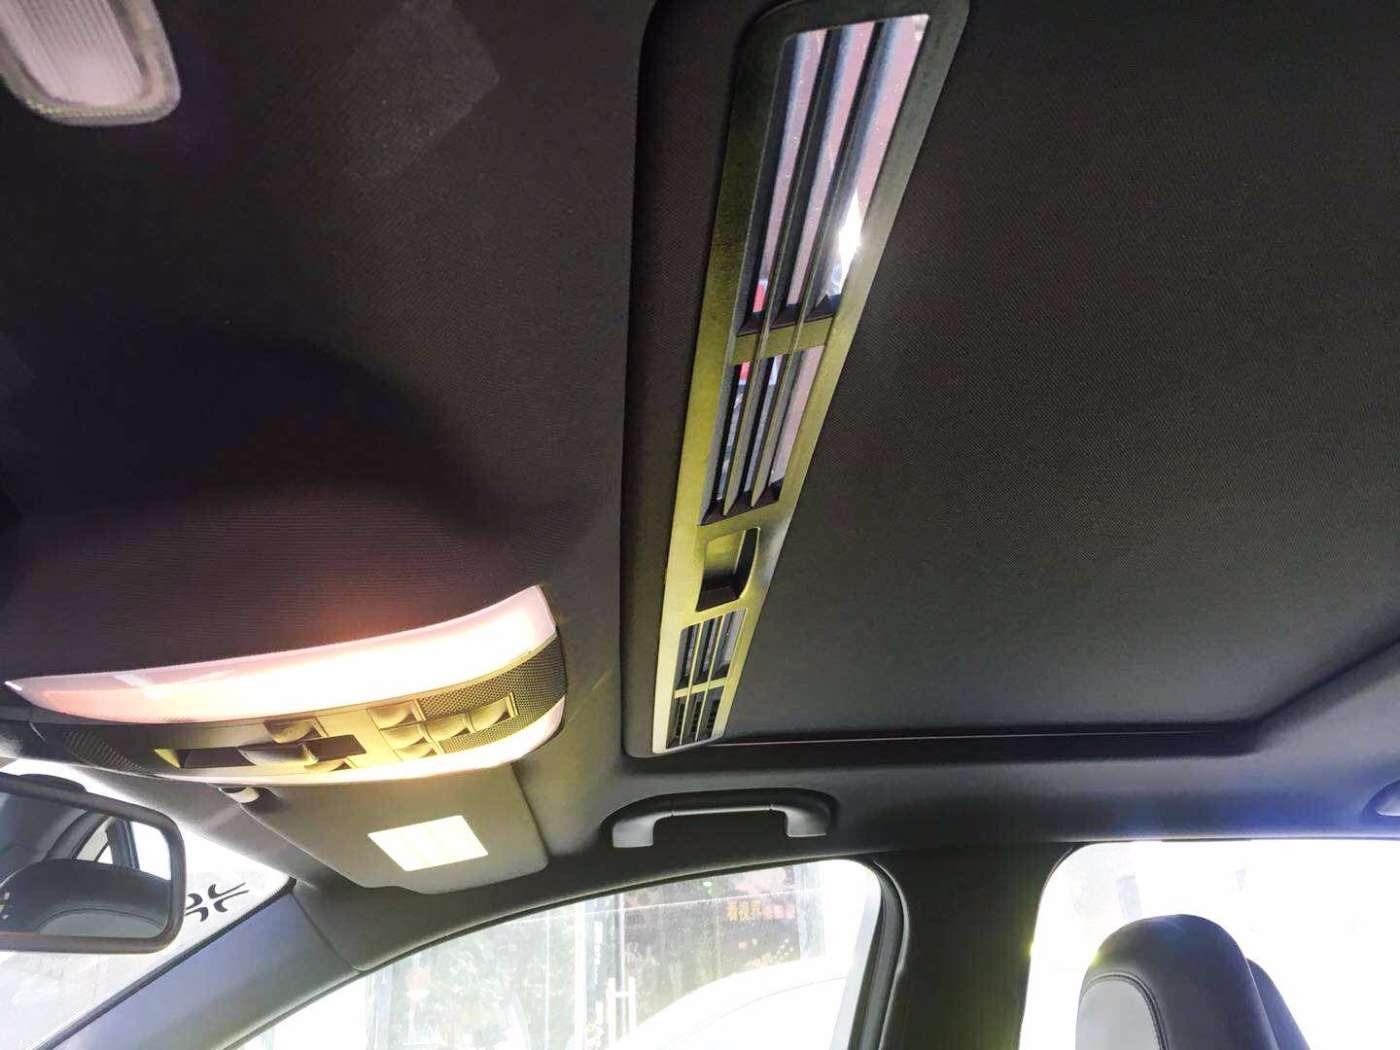 2014年09月 奔驰C级AMG 2014款 C 63 AMG Edition 507|甄选奔驰-北京卡斯基汽车服务有限公司